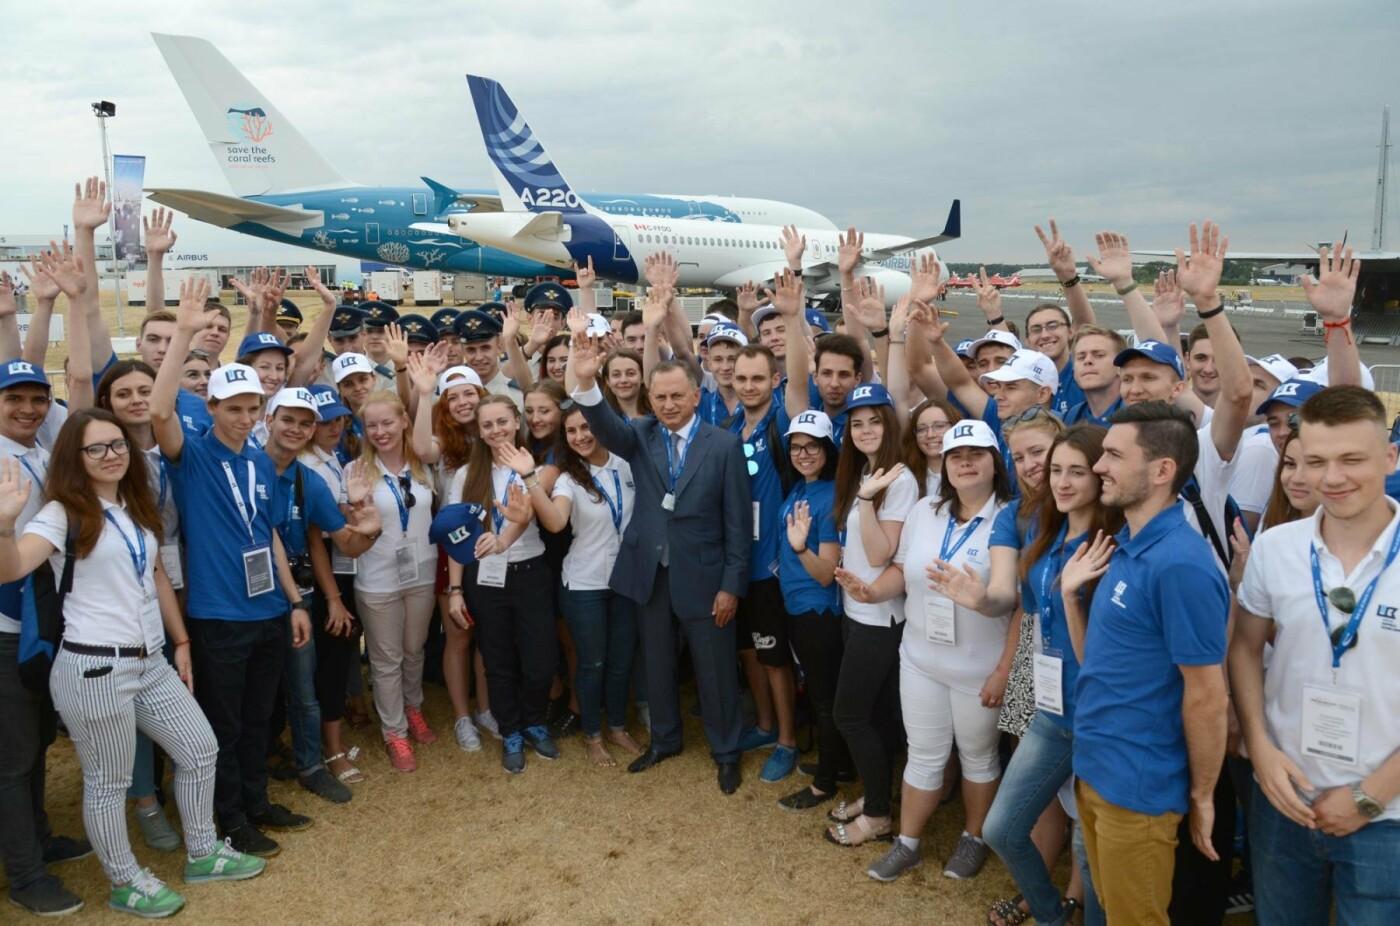 Фонд Бориса Колесникова показал авиаторам Запорожья крупнейший авиафорум в Лондоне, фото-2